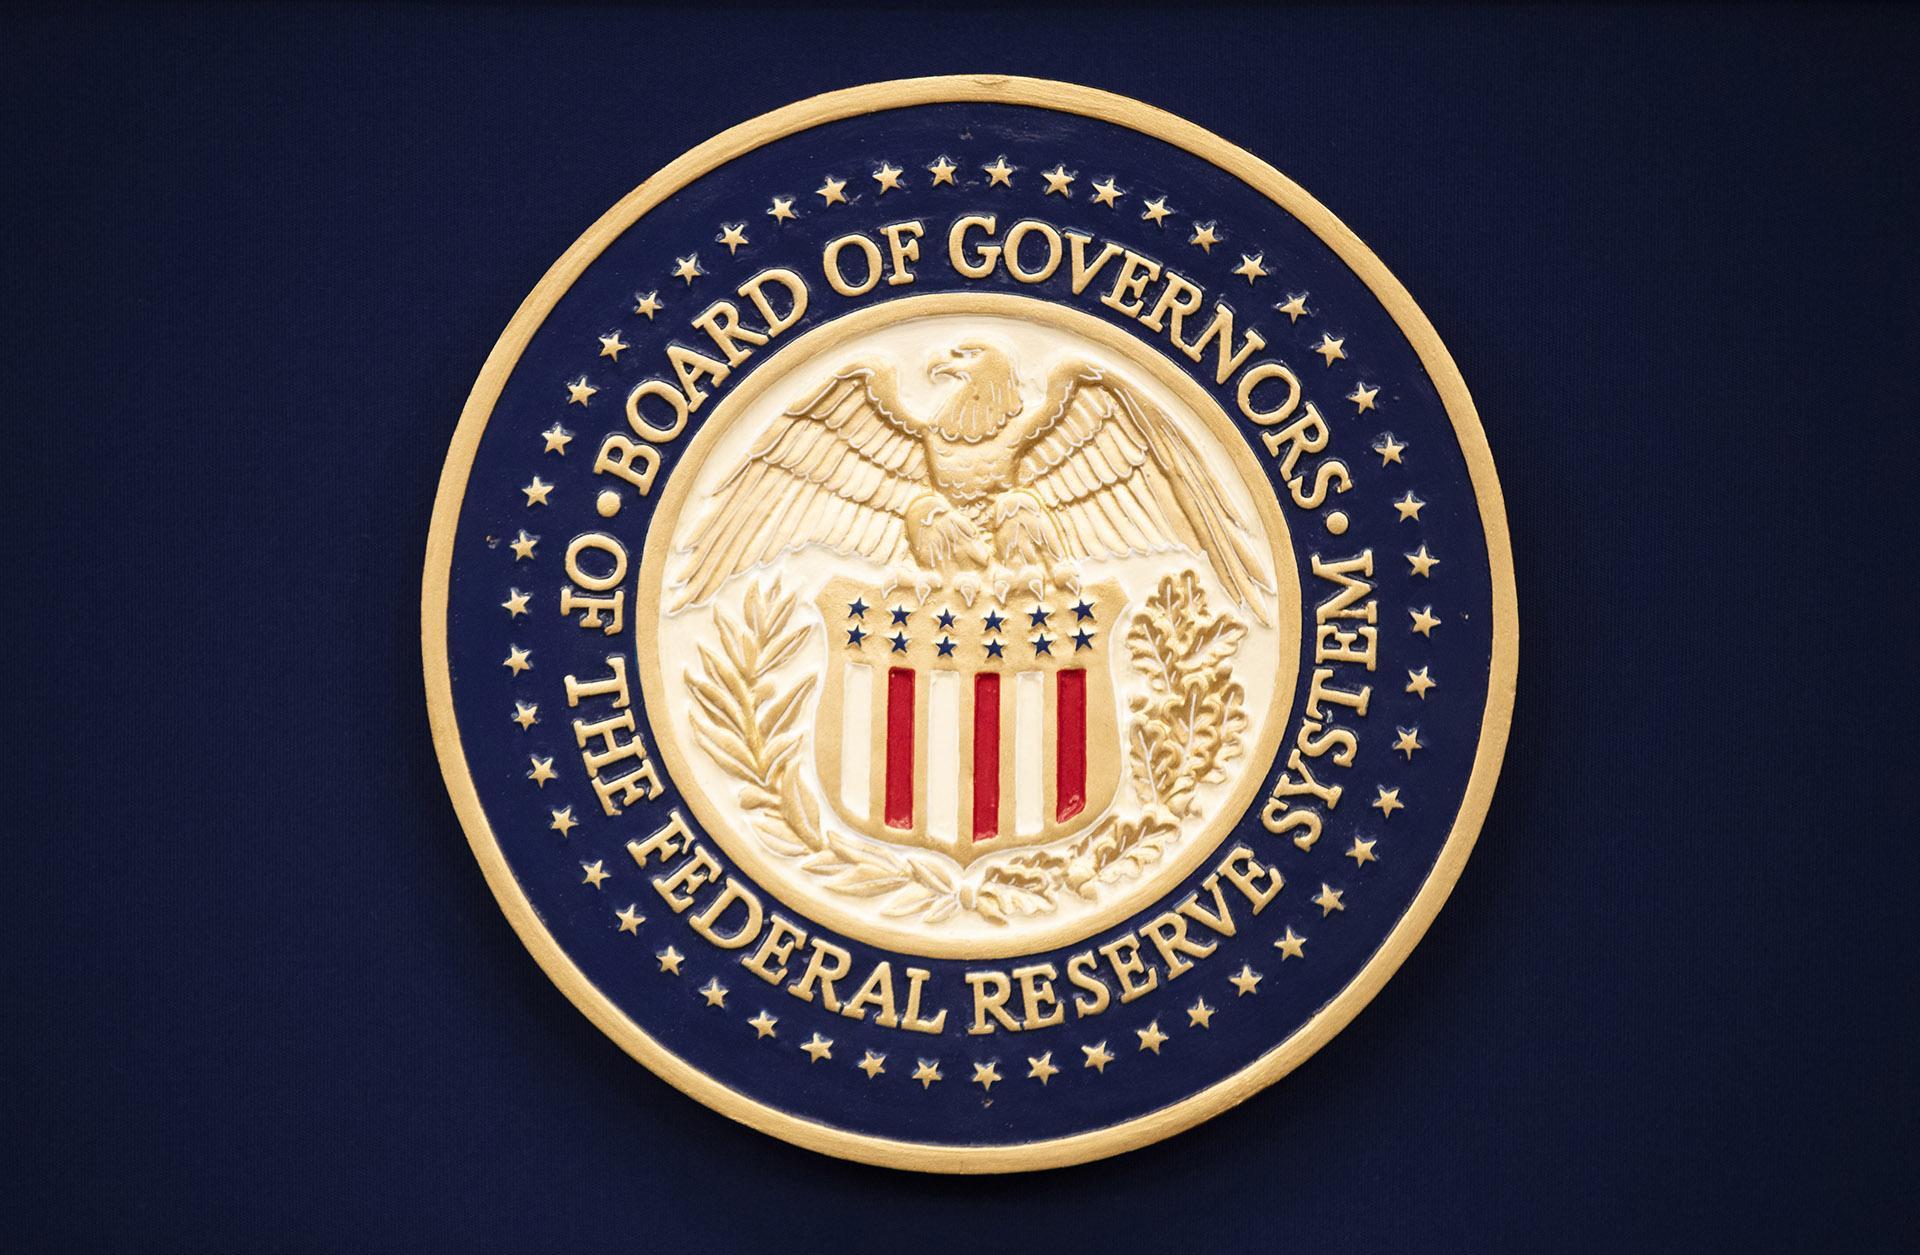 美联储政策声明:继续将基准利率维持在当前水平